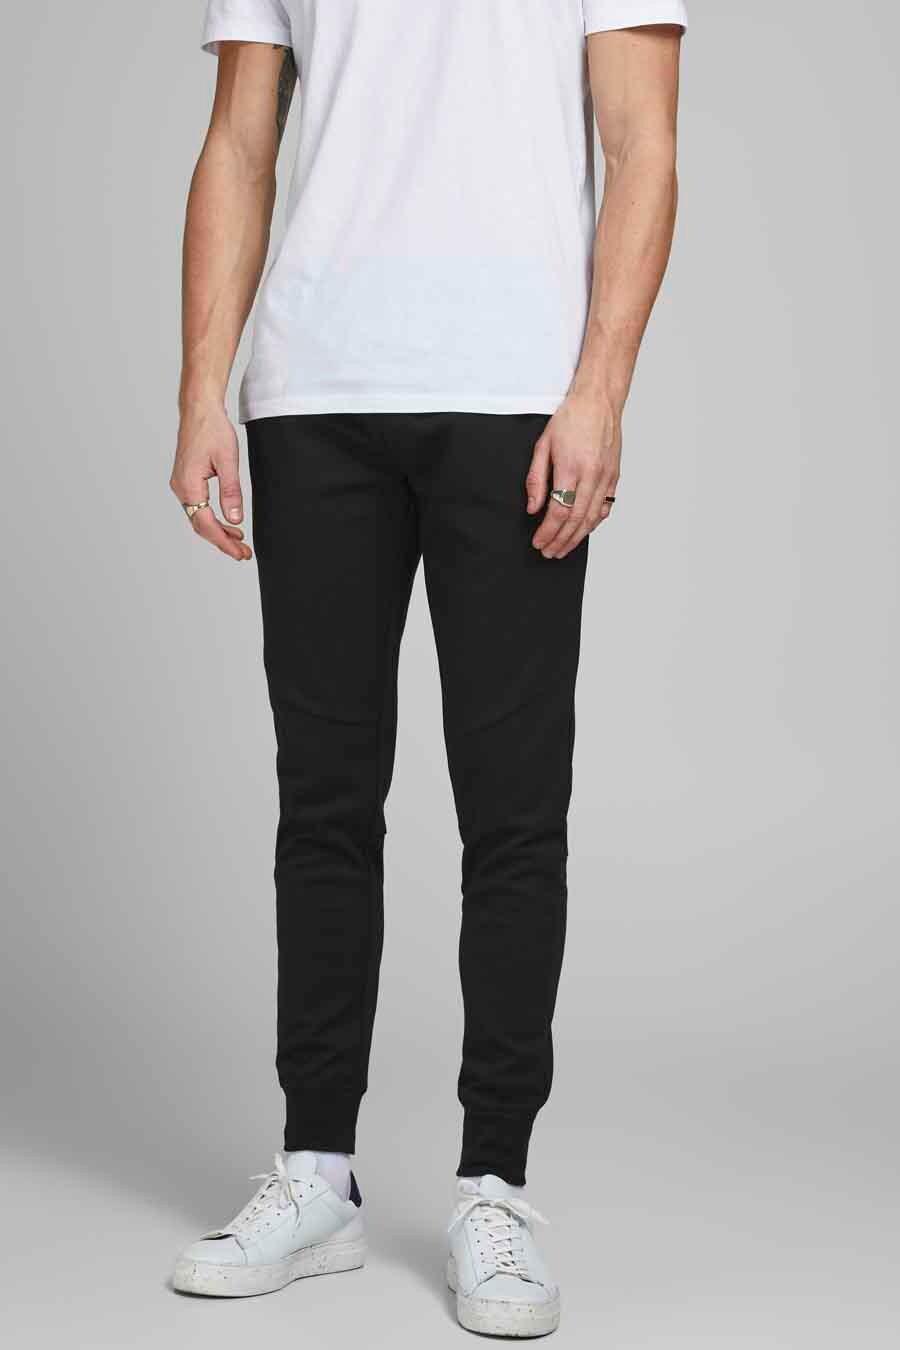 Jack & Jones Jeans Intelligence Jogging, Zwart, Heren, Maat: L/M/S/XL/XS